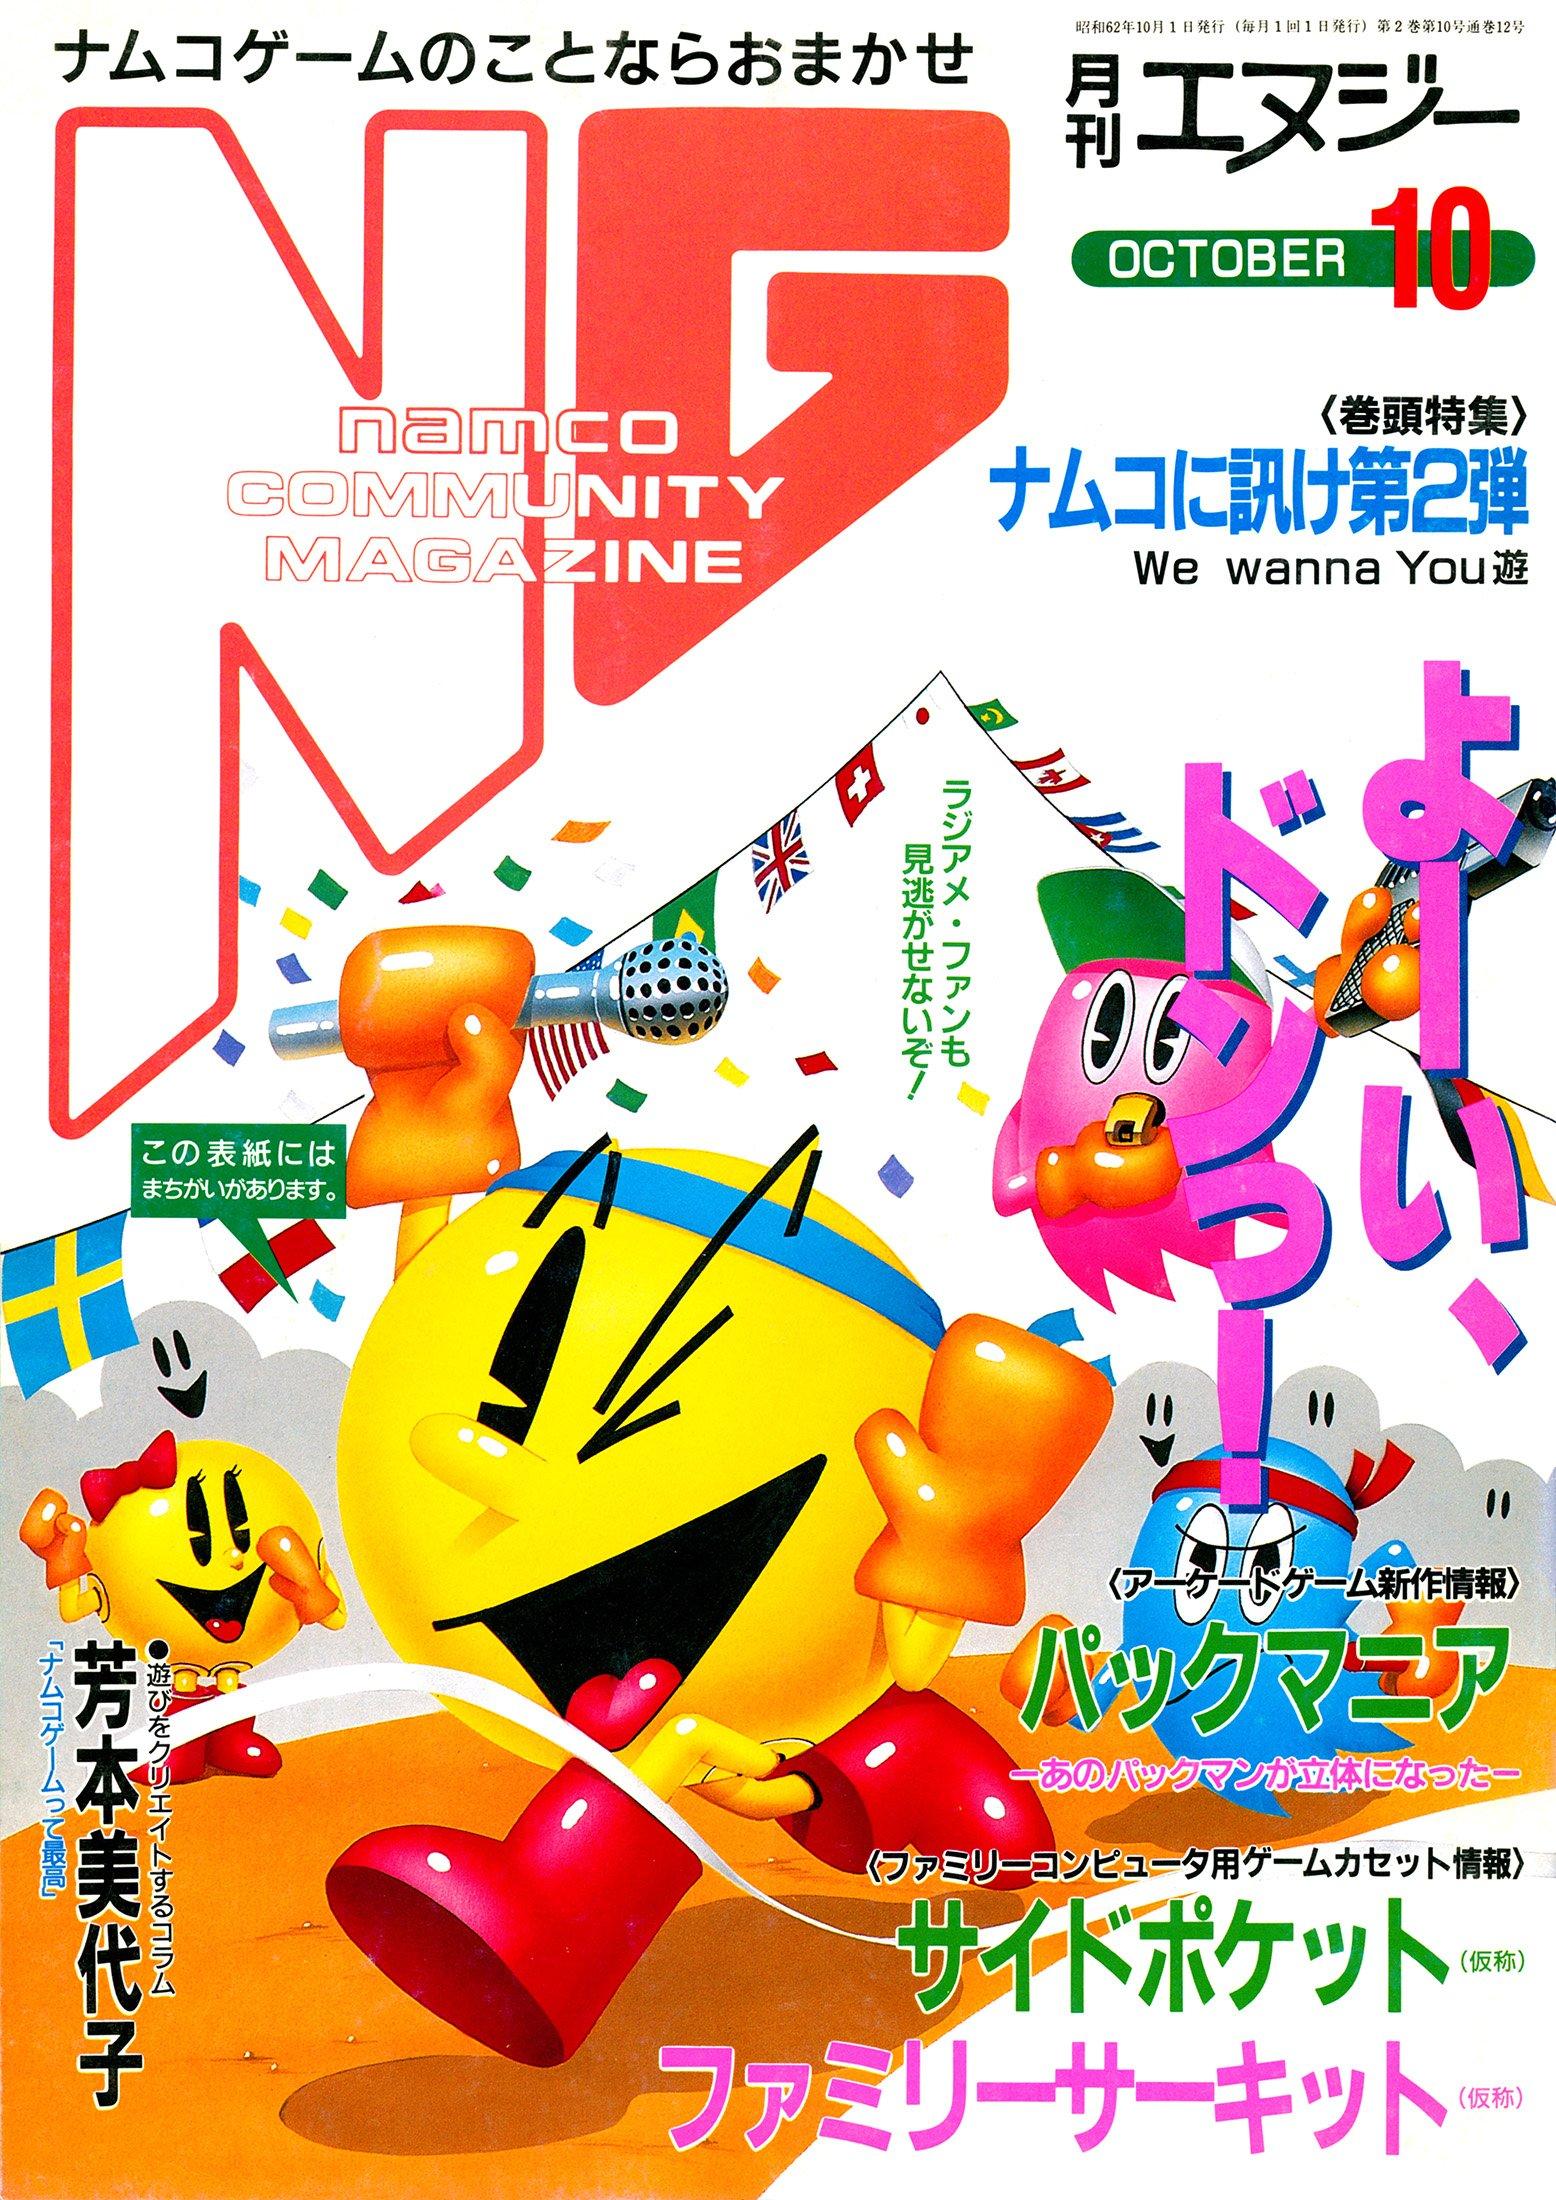 NG Namco Community Magazine Issue 12 (October 1987)